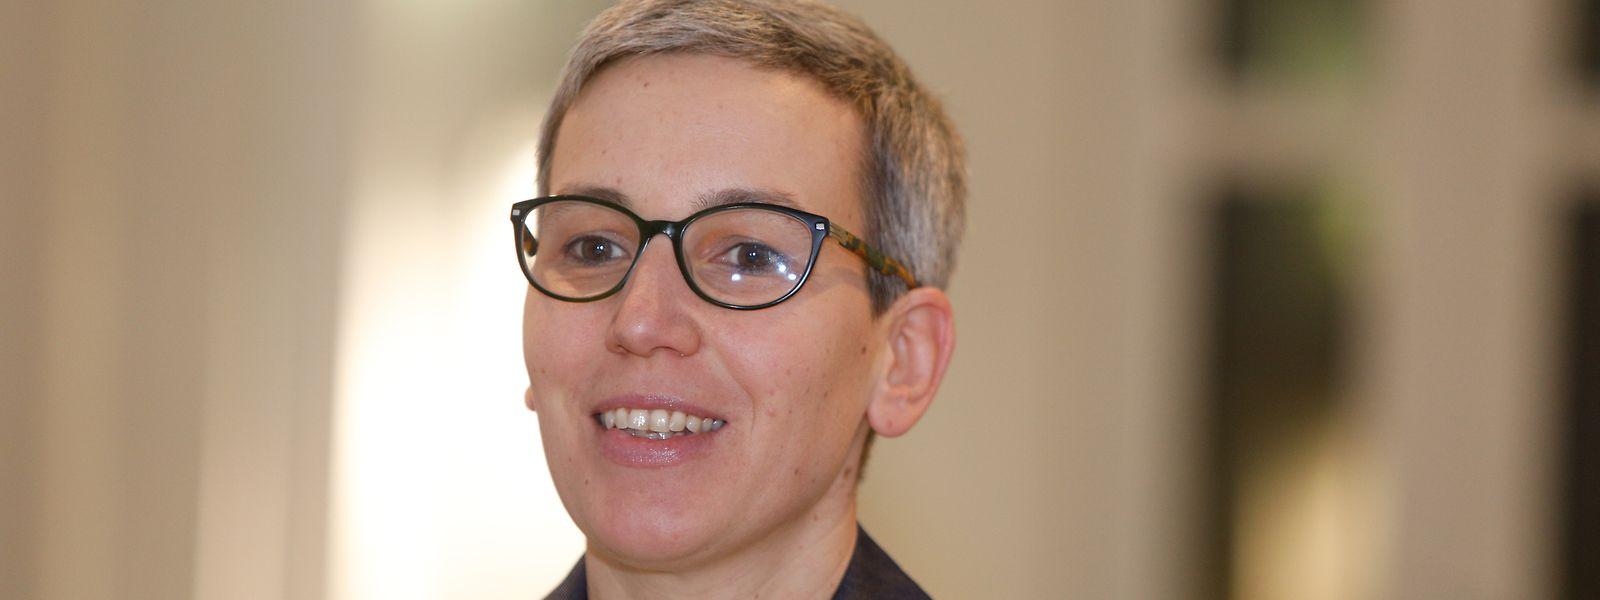 Sam Tanson, la ministre de la Culture défend contre vents et marées le choix de Joanne Goebbels